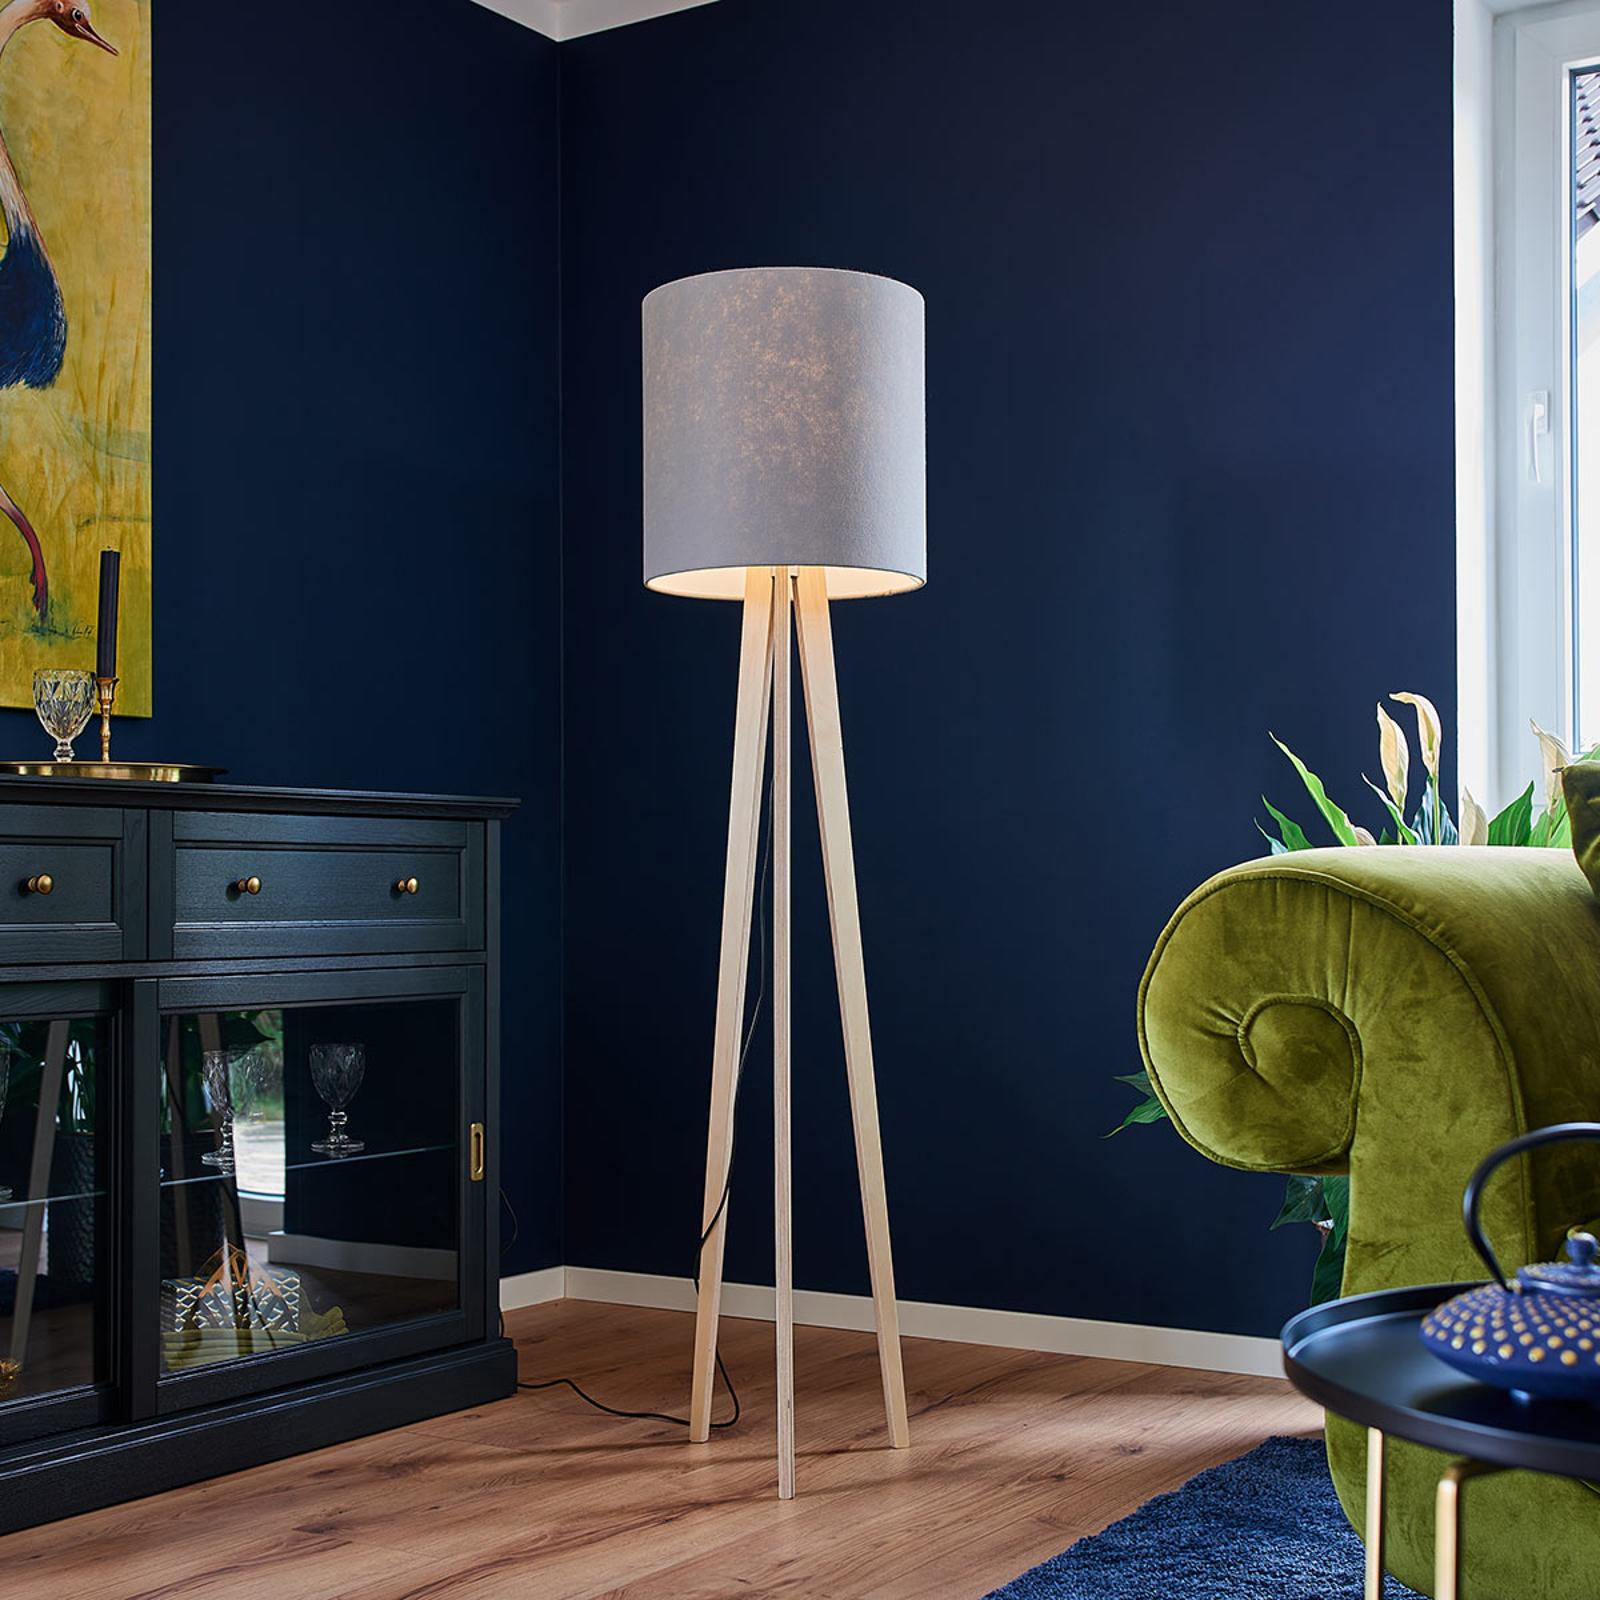 Tekstylna lampa stojąca Nida na trójnogu z drewna